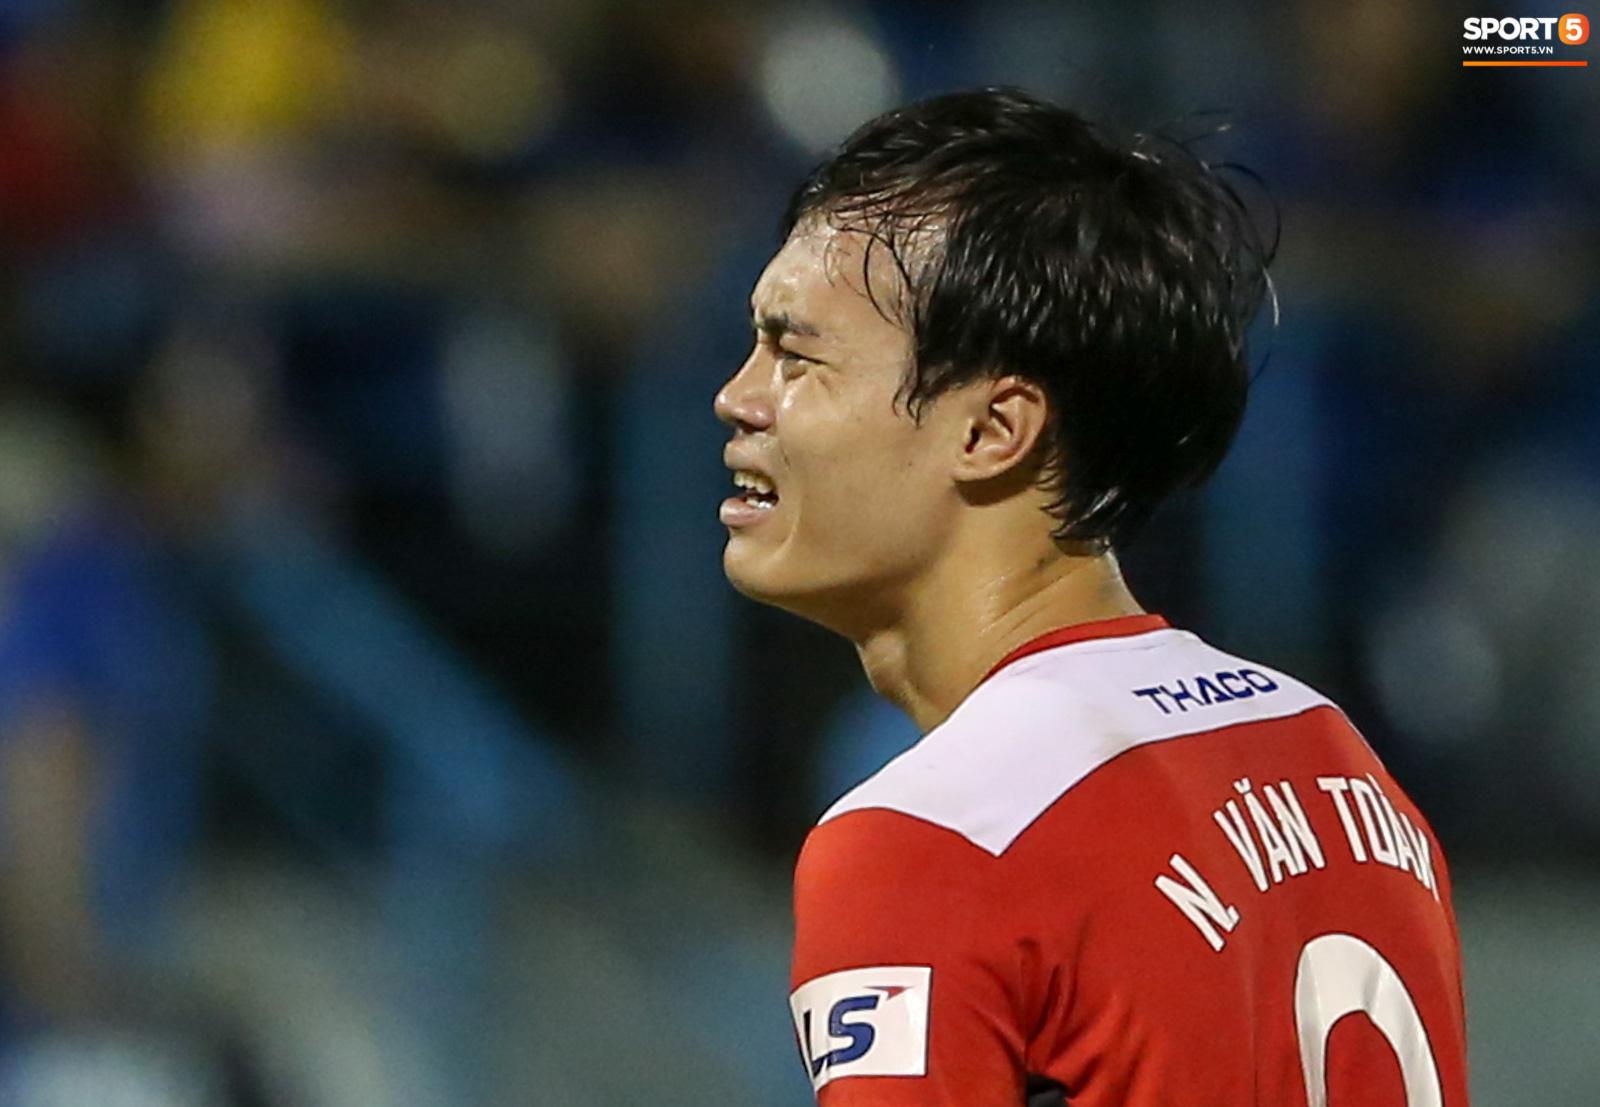 HAGL: Kho điểm trên đường đua vô địch V.League và lời thú nhận đội nhà đá chán của Văn Toàn - Ảnh 2.